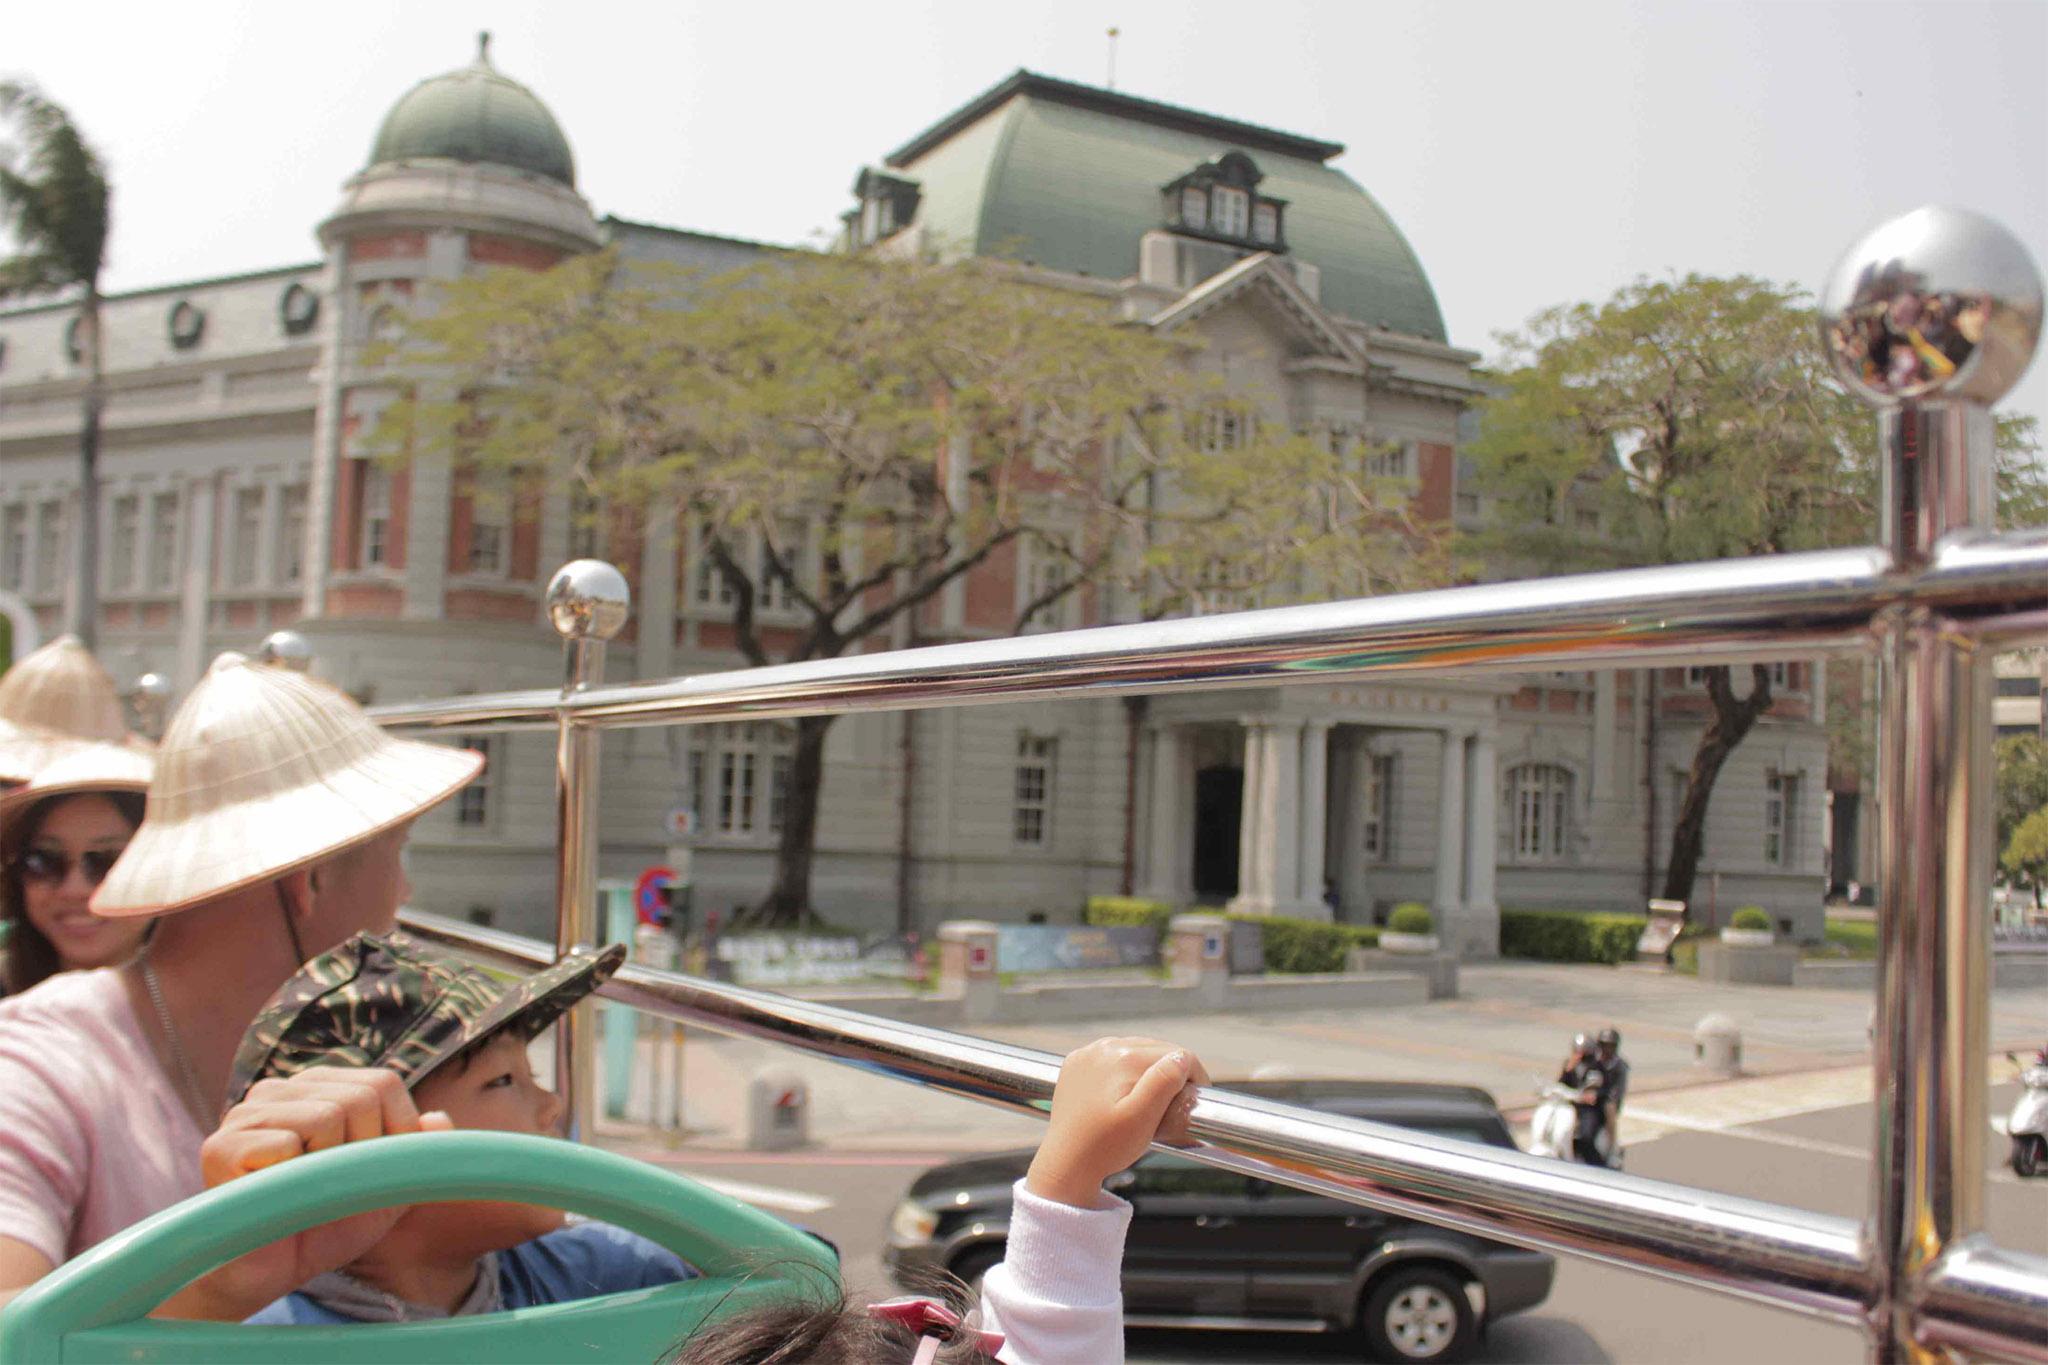 坐「雙層巴士」遊覽府城台南吧!路線圖、景點介紹